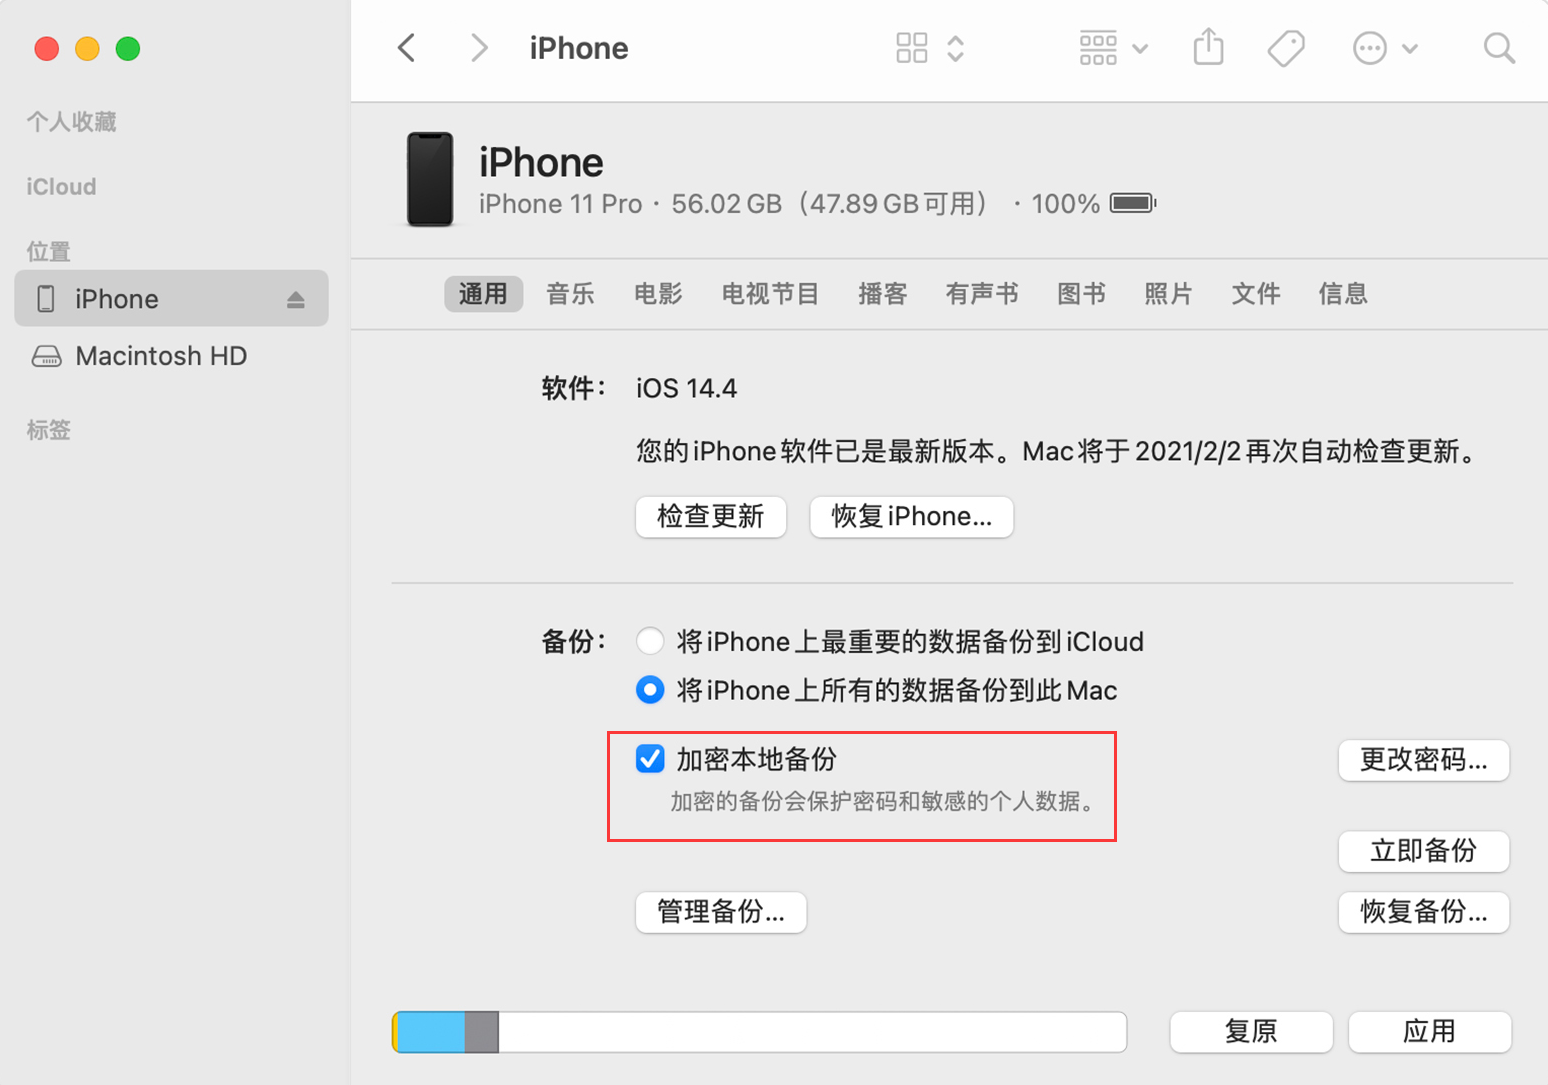 如何清除 iTunes 加密备份的密码?